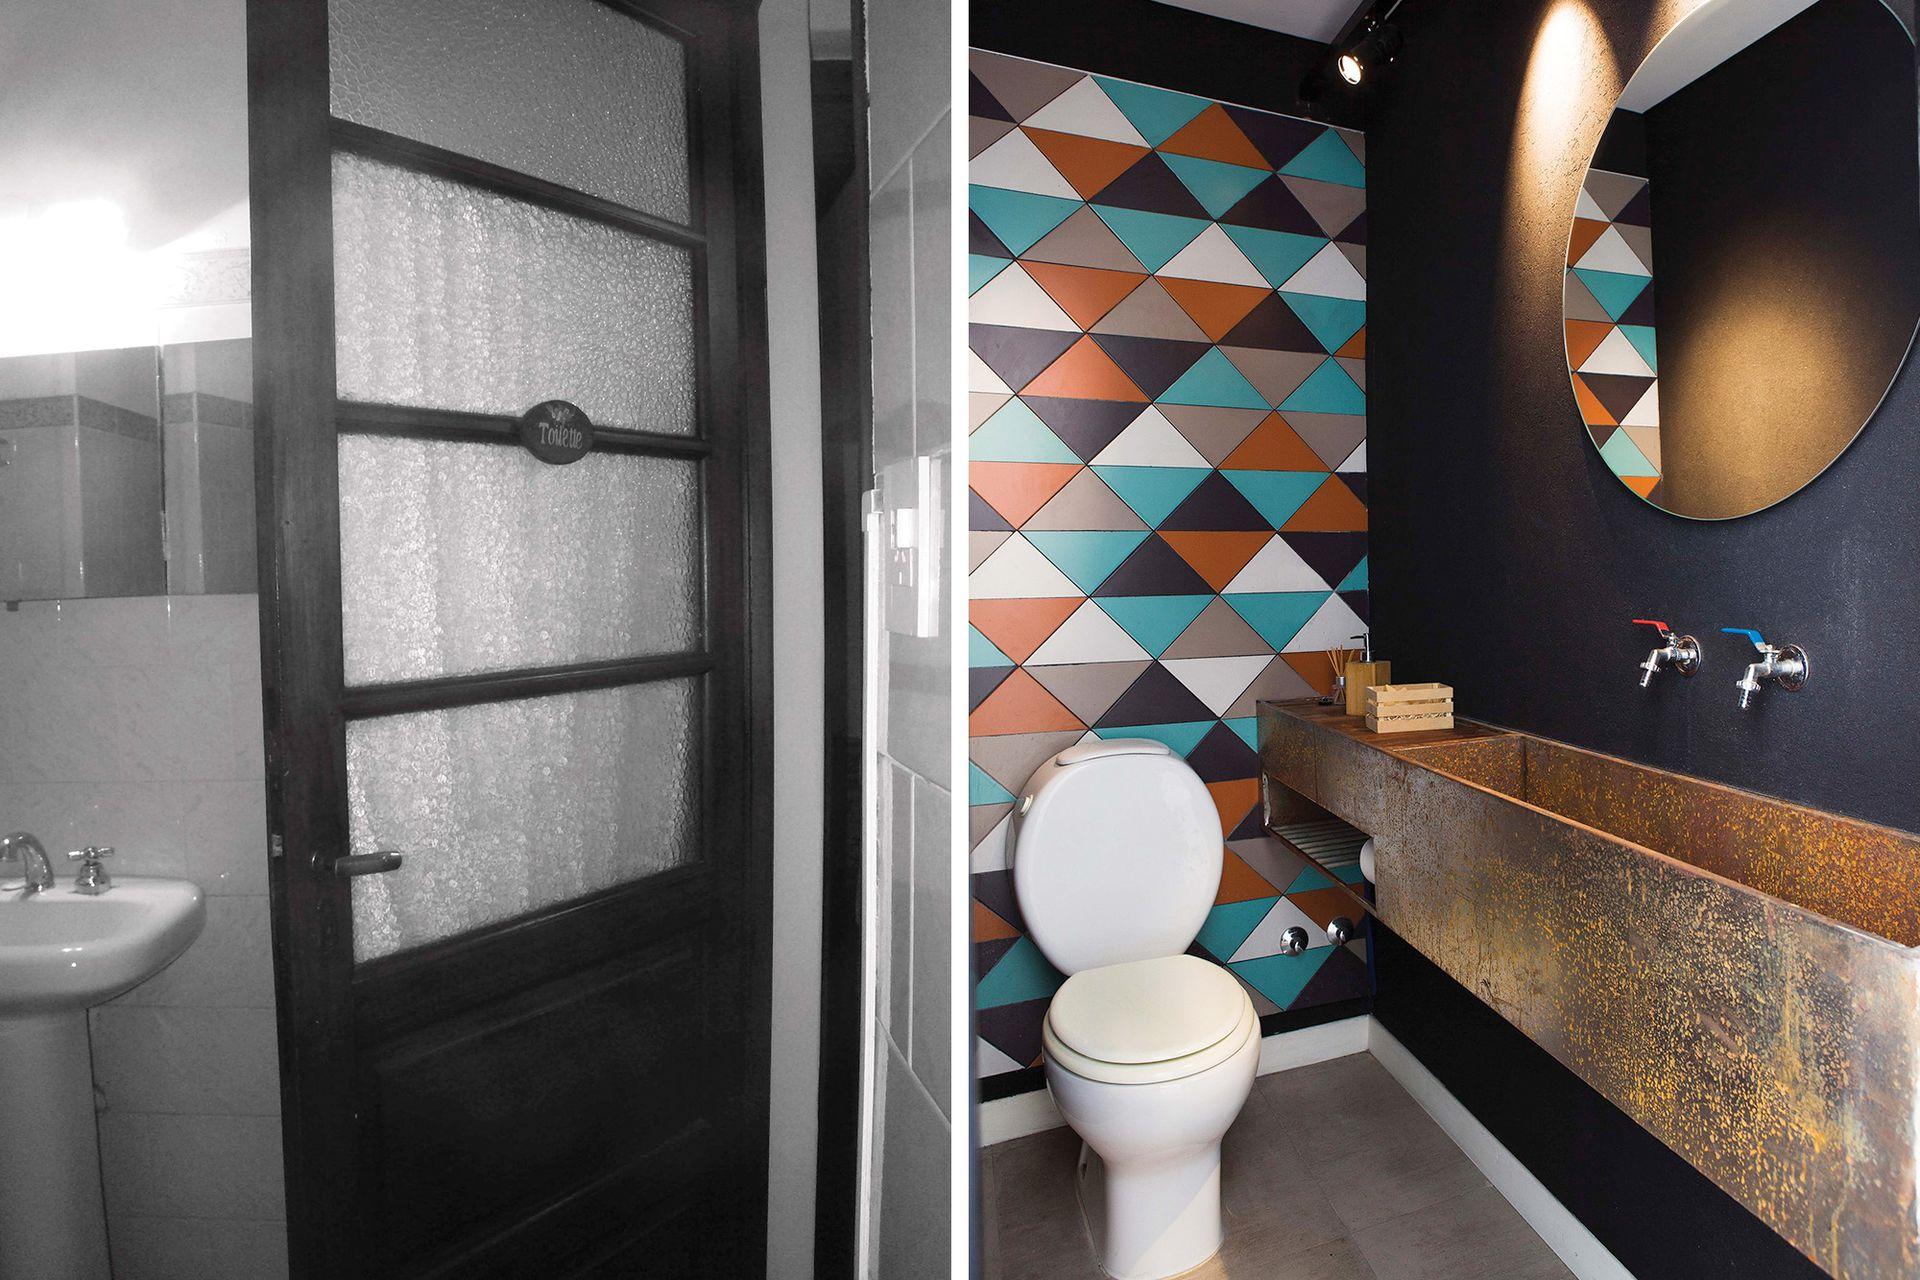 ANTES: La propiedad tenía un único baño. DESPUÉS: Se hizo espacio para agregar este toilette justo delante del baño principal, en la espalda del living. La puerta corrediza contribuye a aprovechar sus dimensiones al máximo.